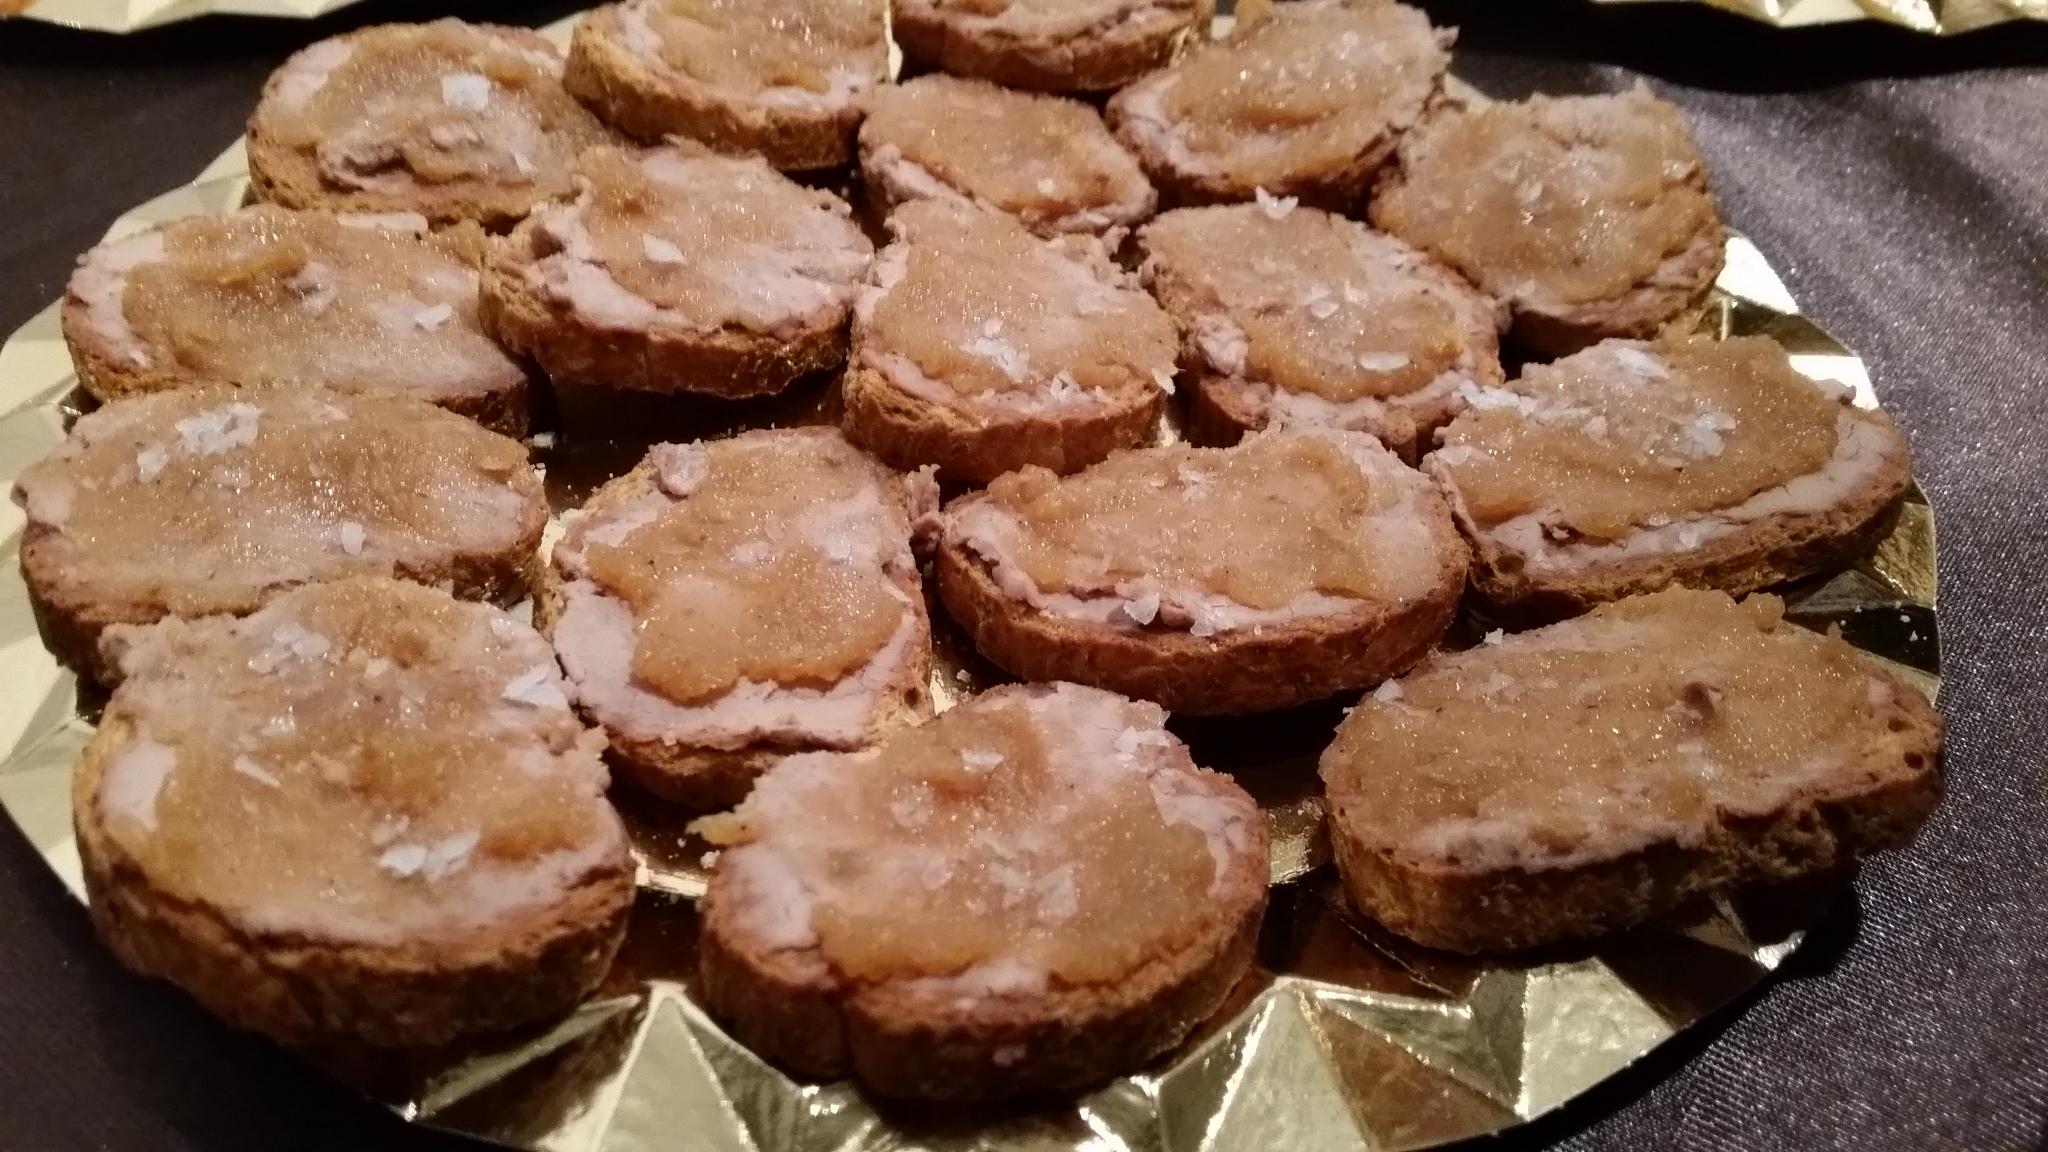 TAULA D'HIVERN Olors i sabors de la memòria - cuina (16)